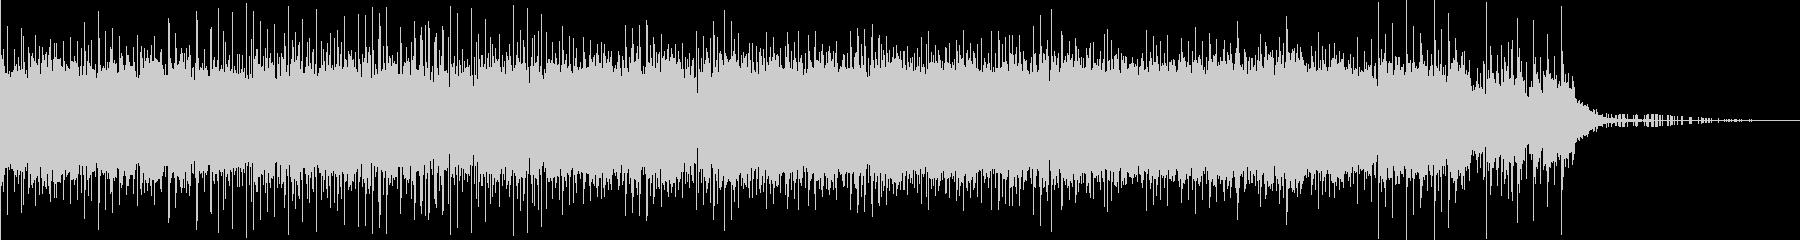 ヒップホップ系の静かなBGMですの未再生の波形